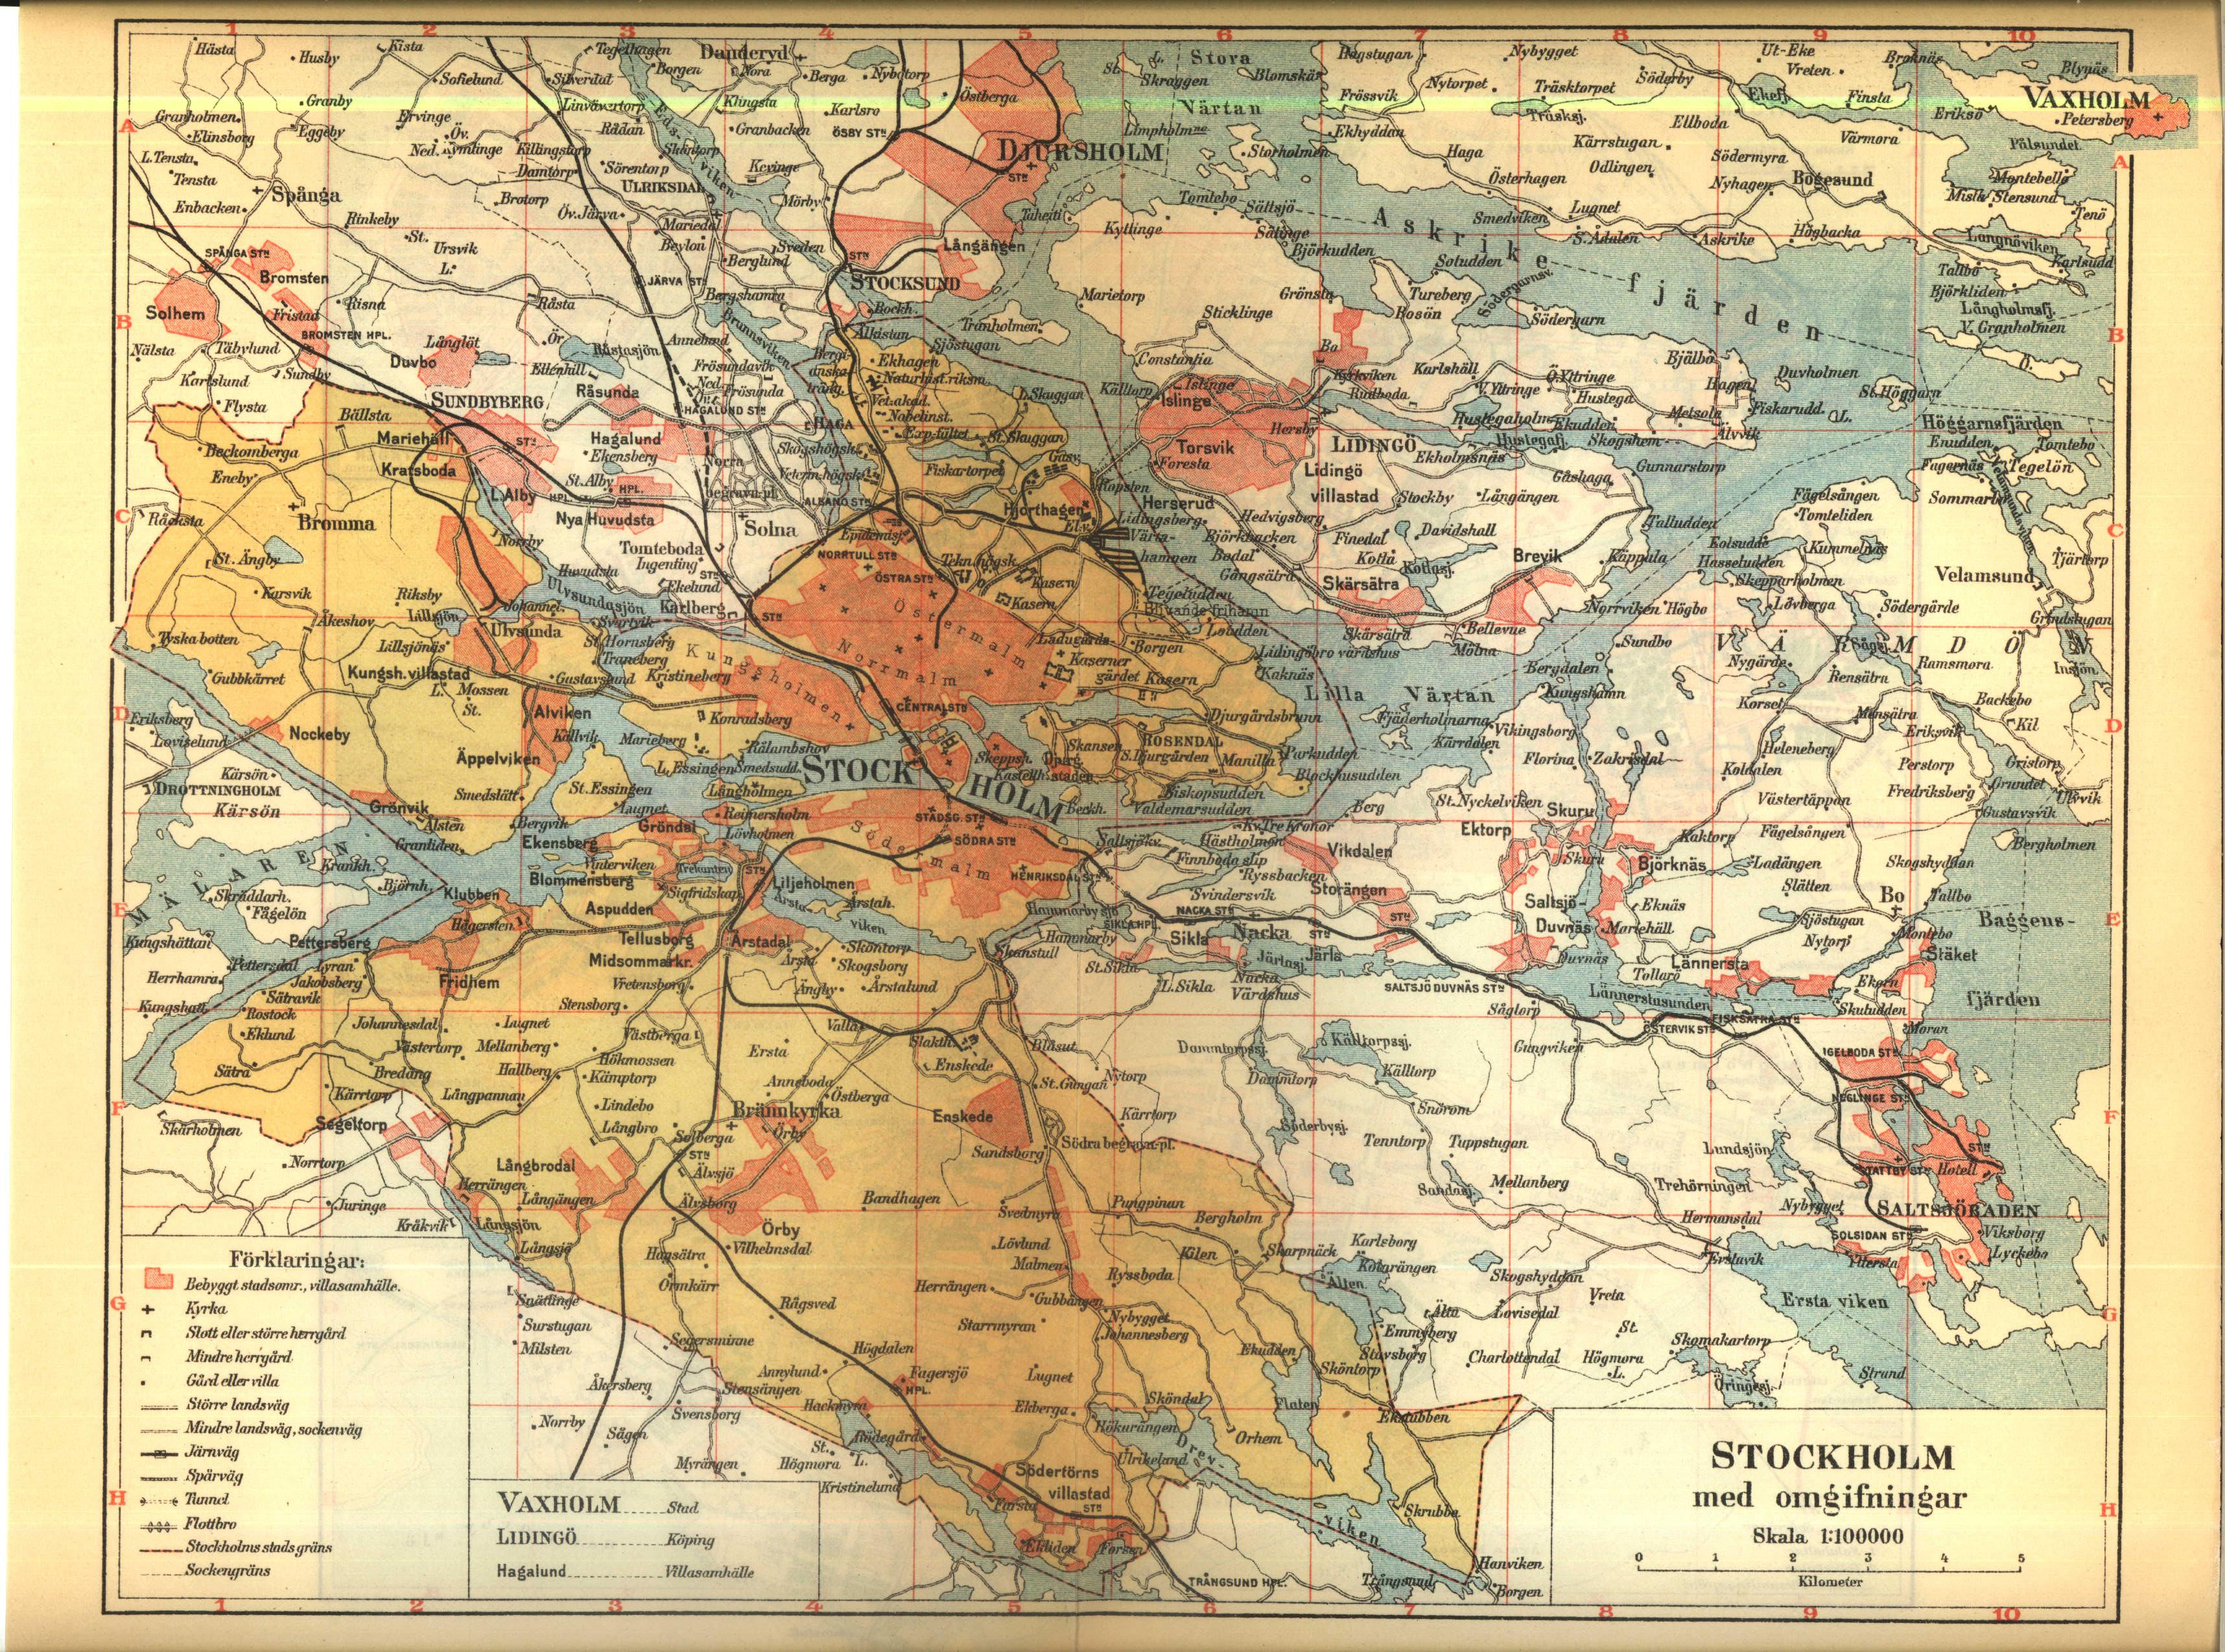 karta city stockholm File:Karta över Stockholm med omgivningar på 1910 talet (ur  karta city stockholm